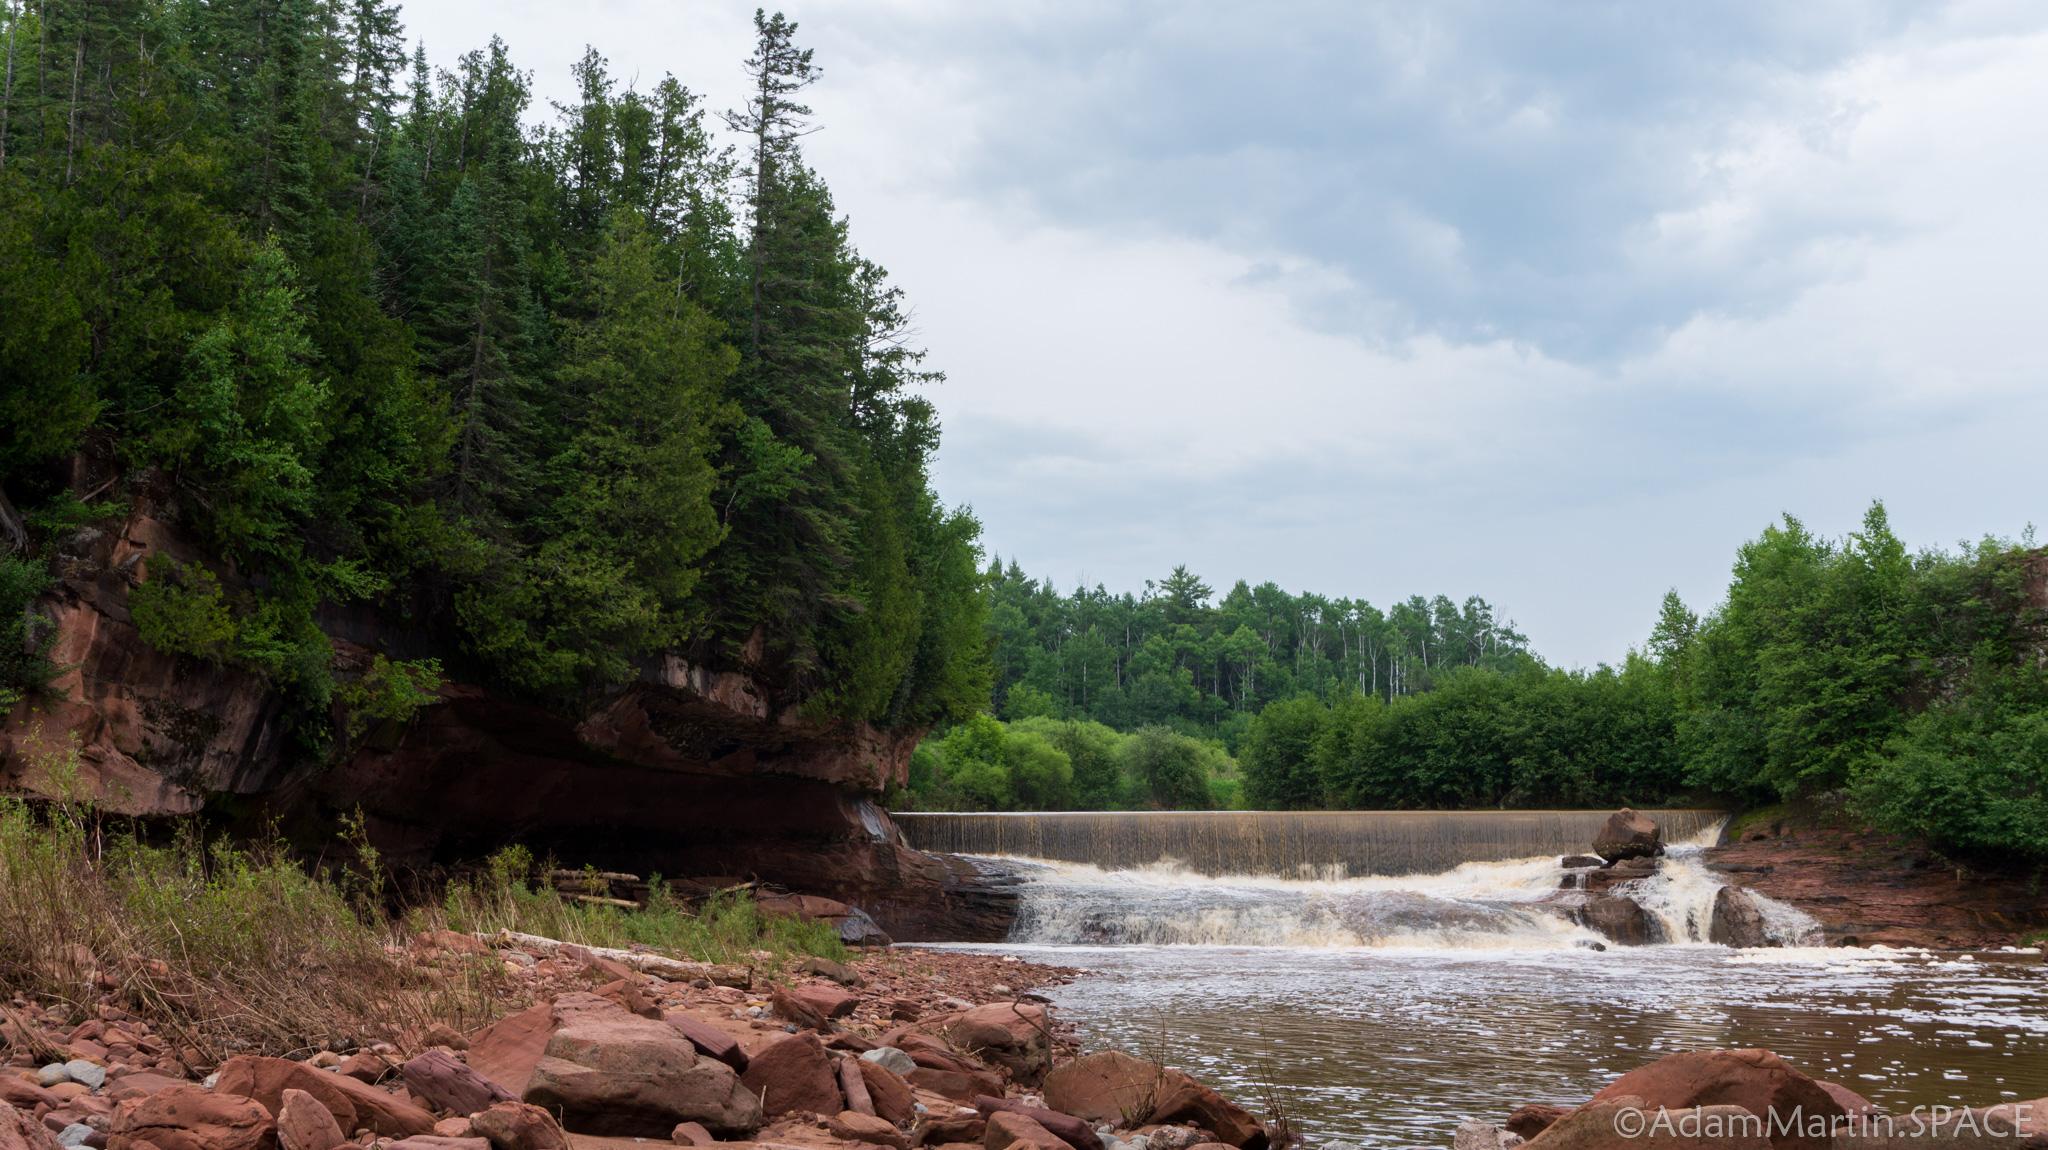 Orienta Falls